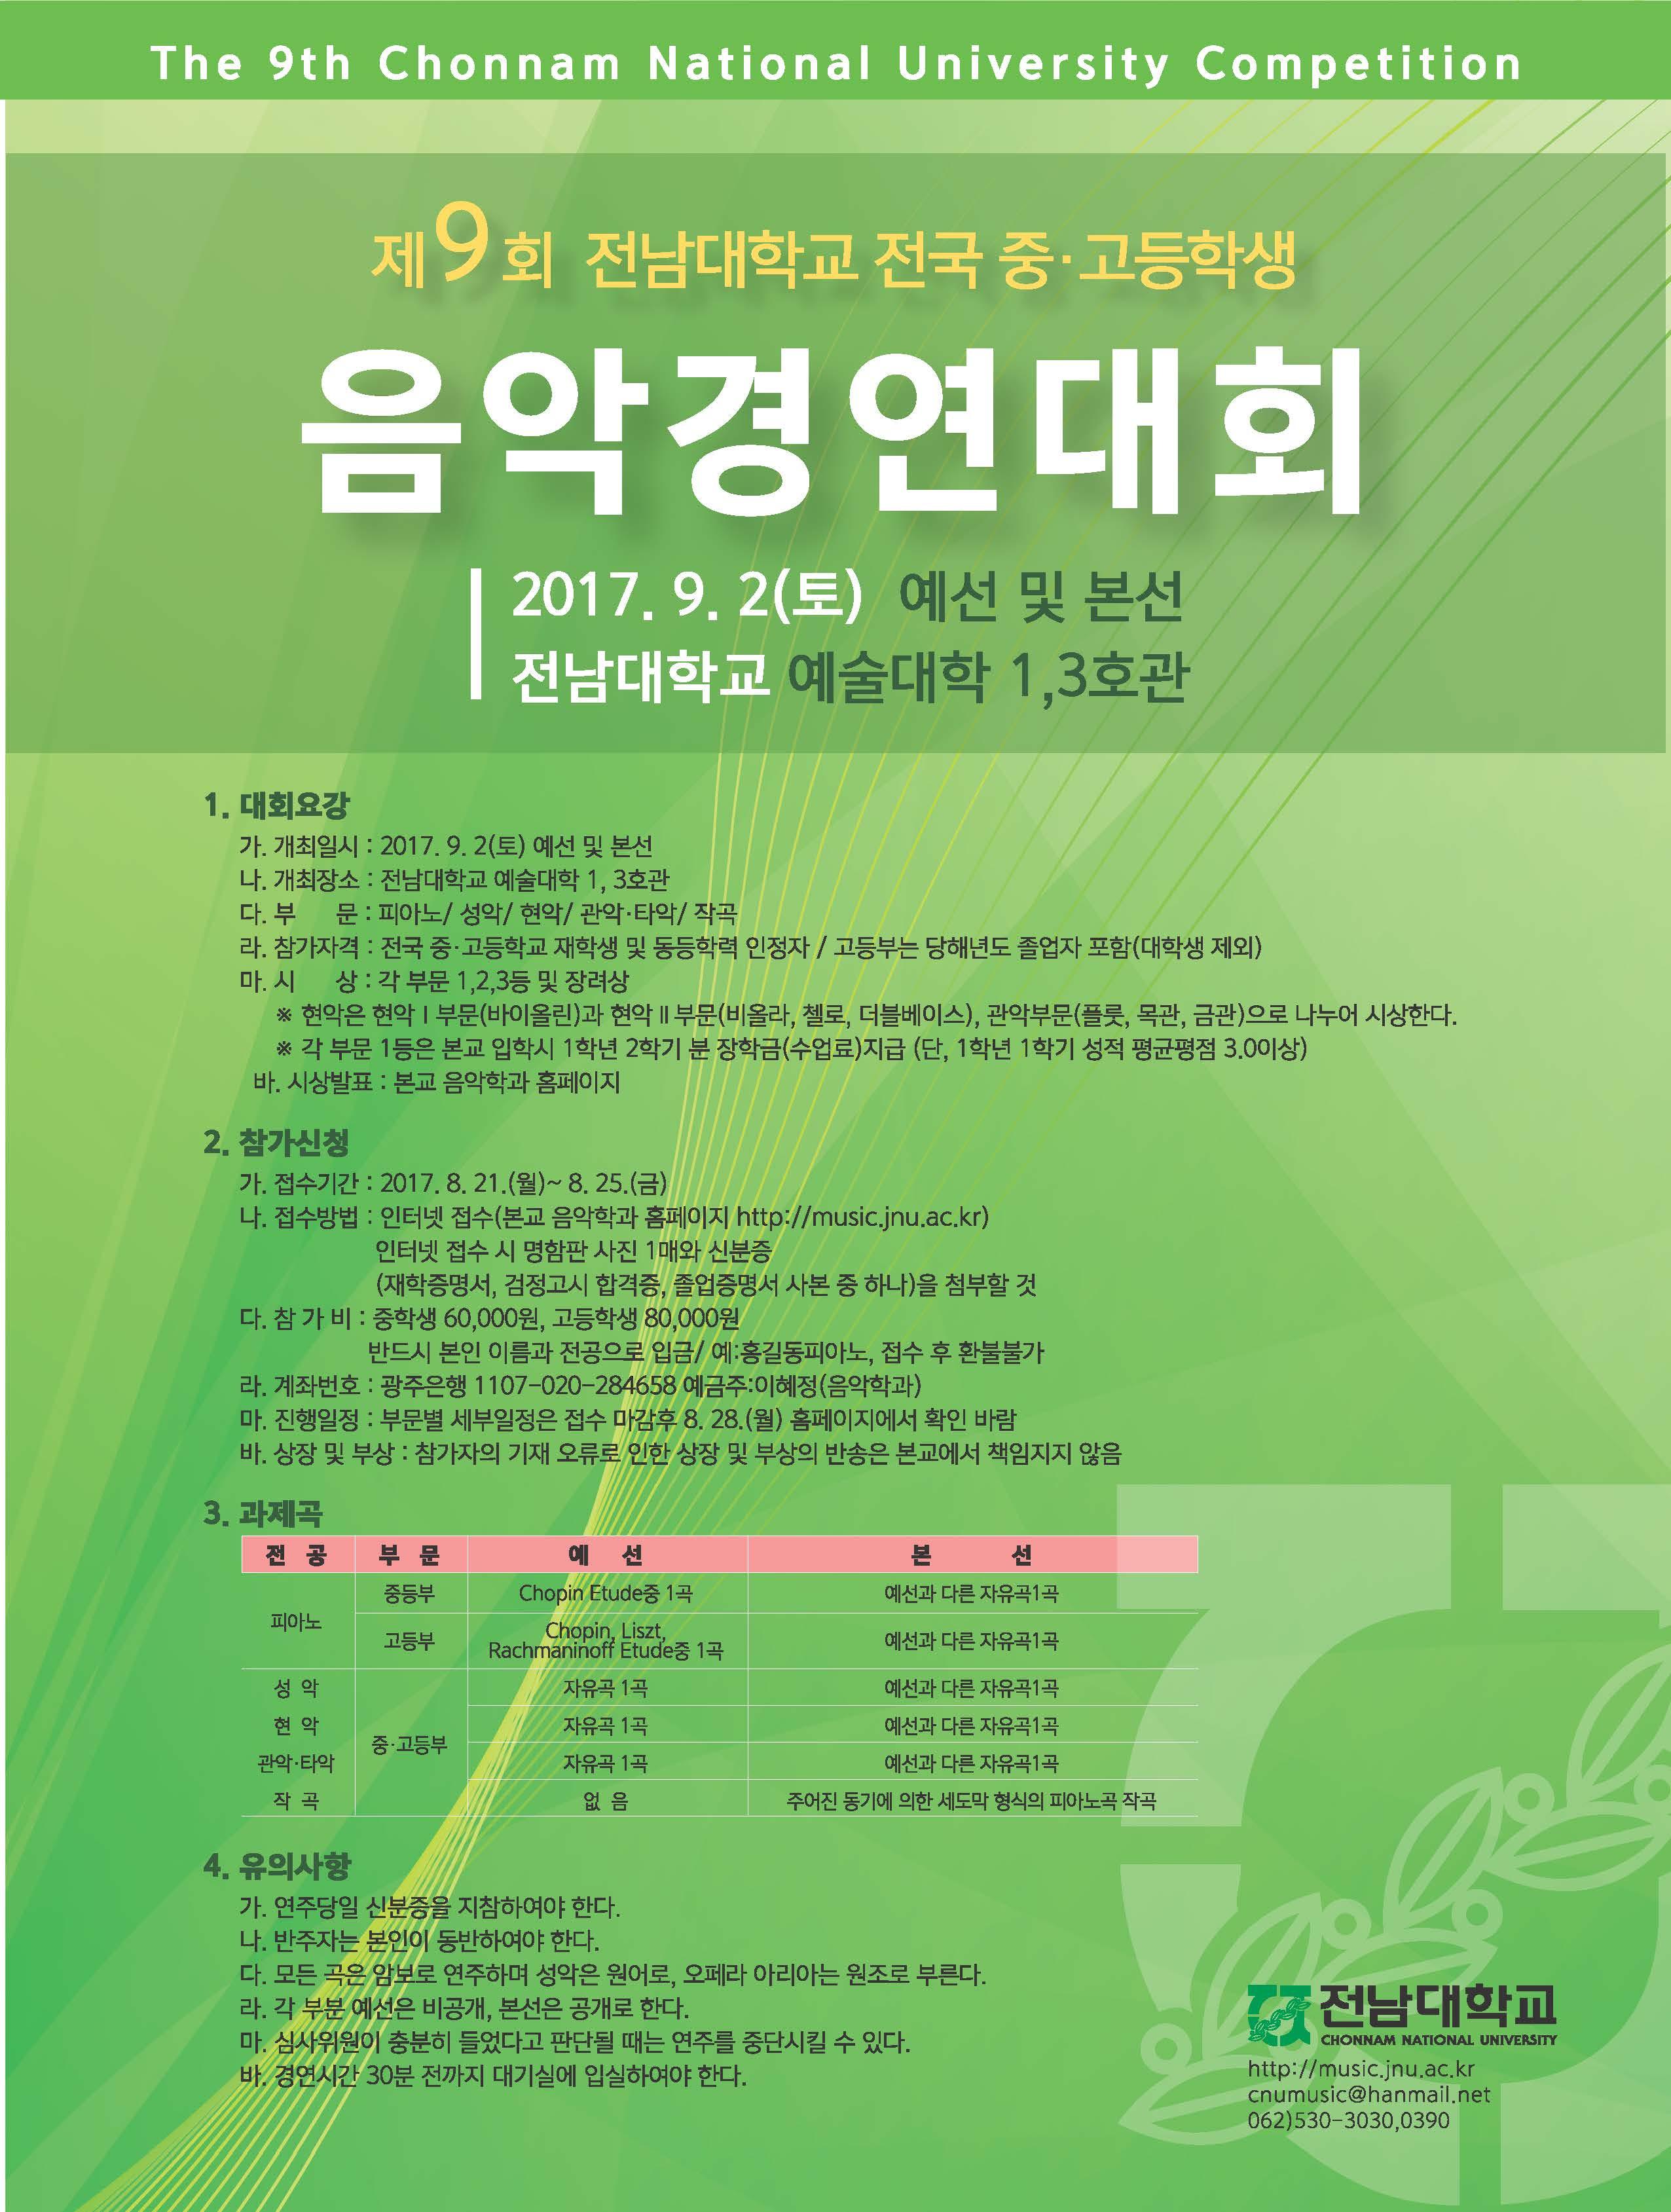 제9회 전남대학교 전국 중고등학생 음악경연대회(접수기간 연장)